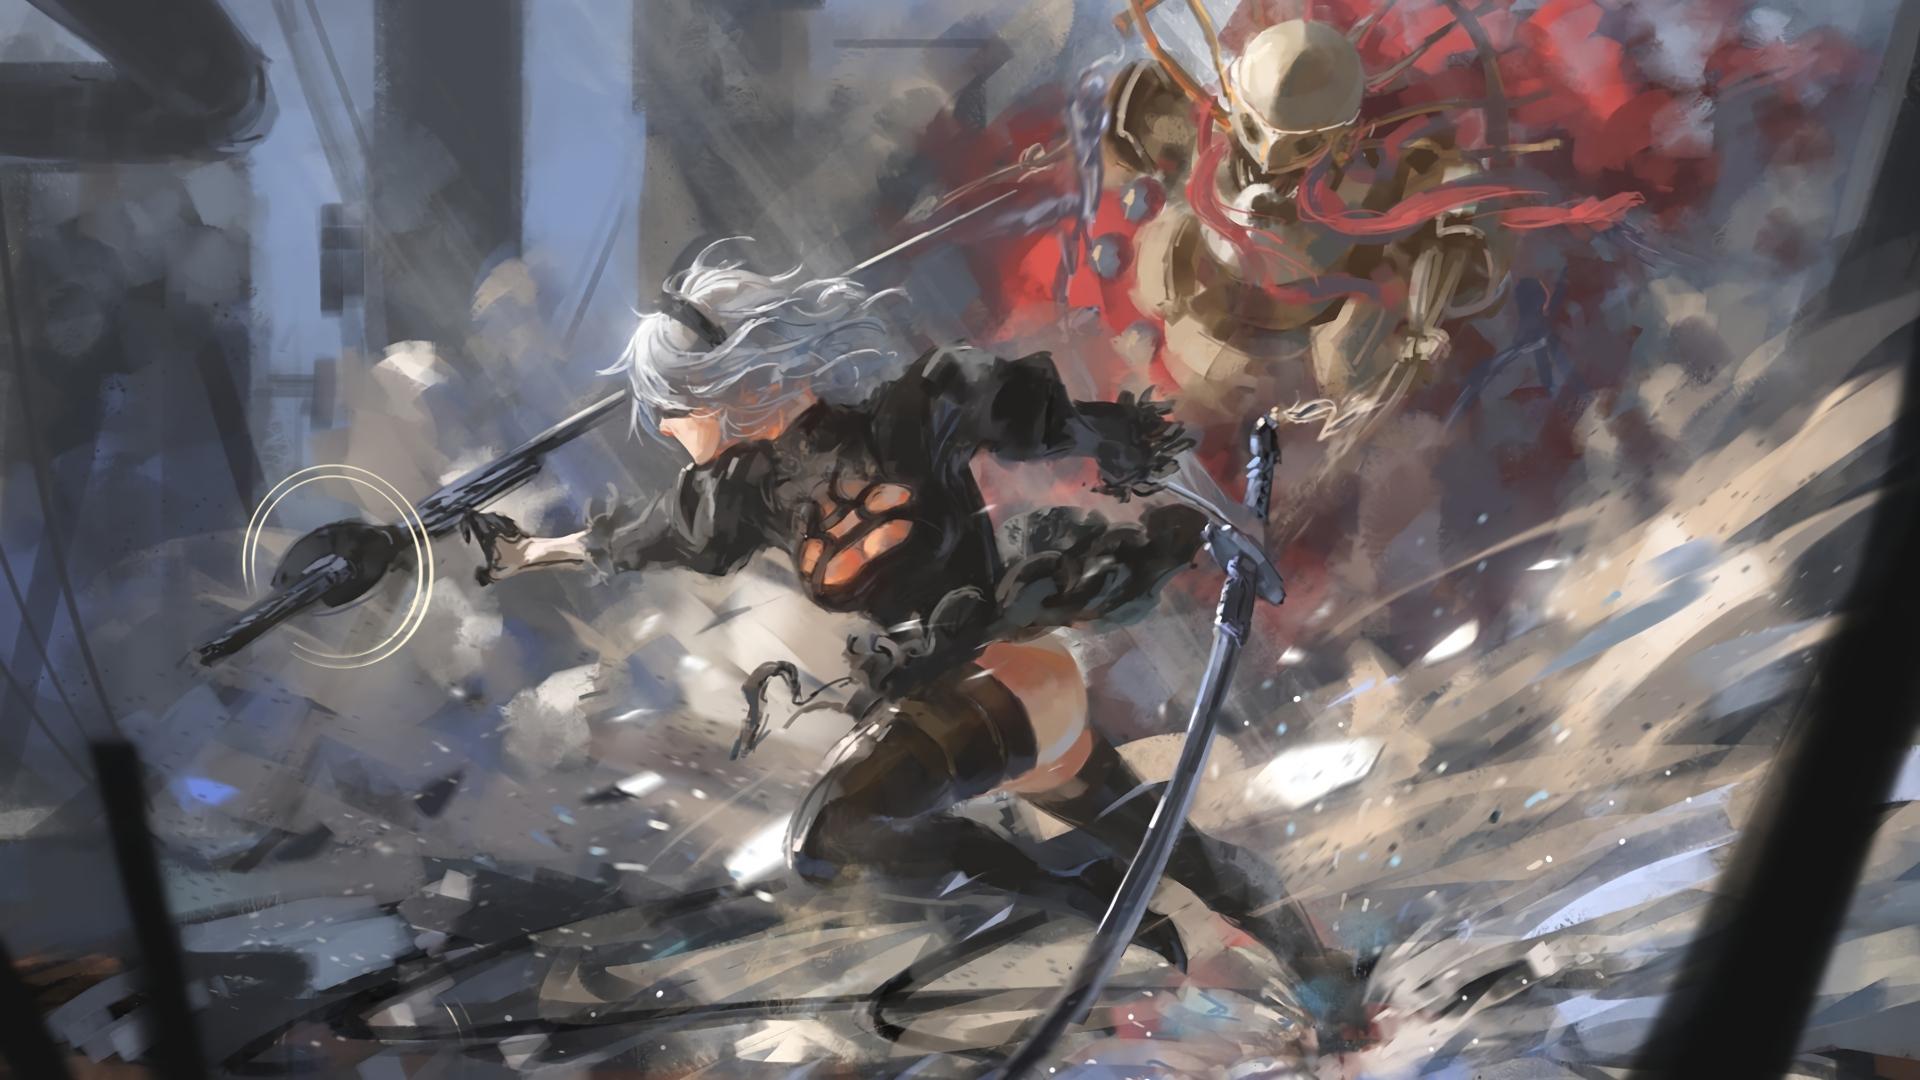 Anime 1920x1080 Nier: Automata video games women 2B NieR white hair cleavage thighs thigh-highs katana machine digital art artwork 2B (Nier: Automata)